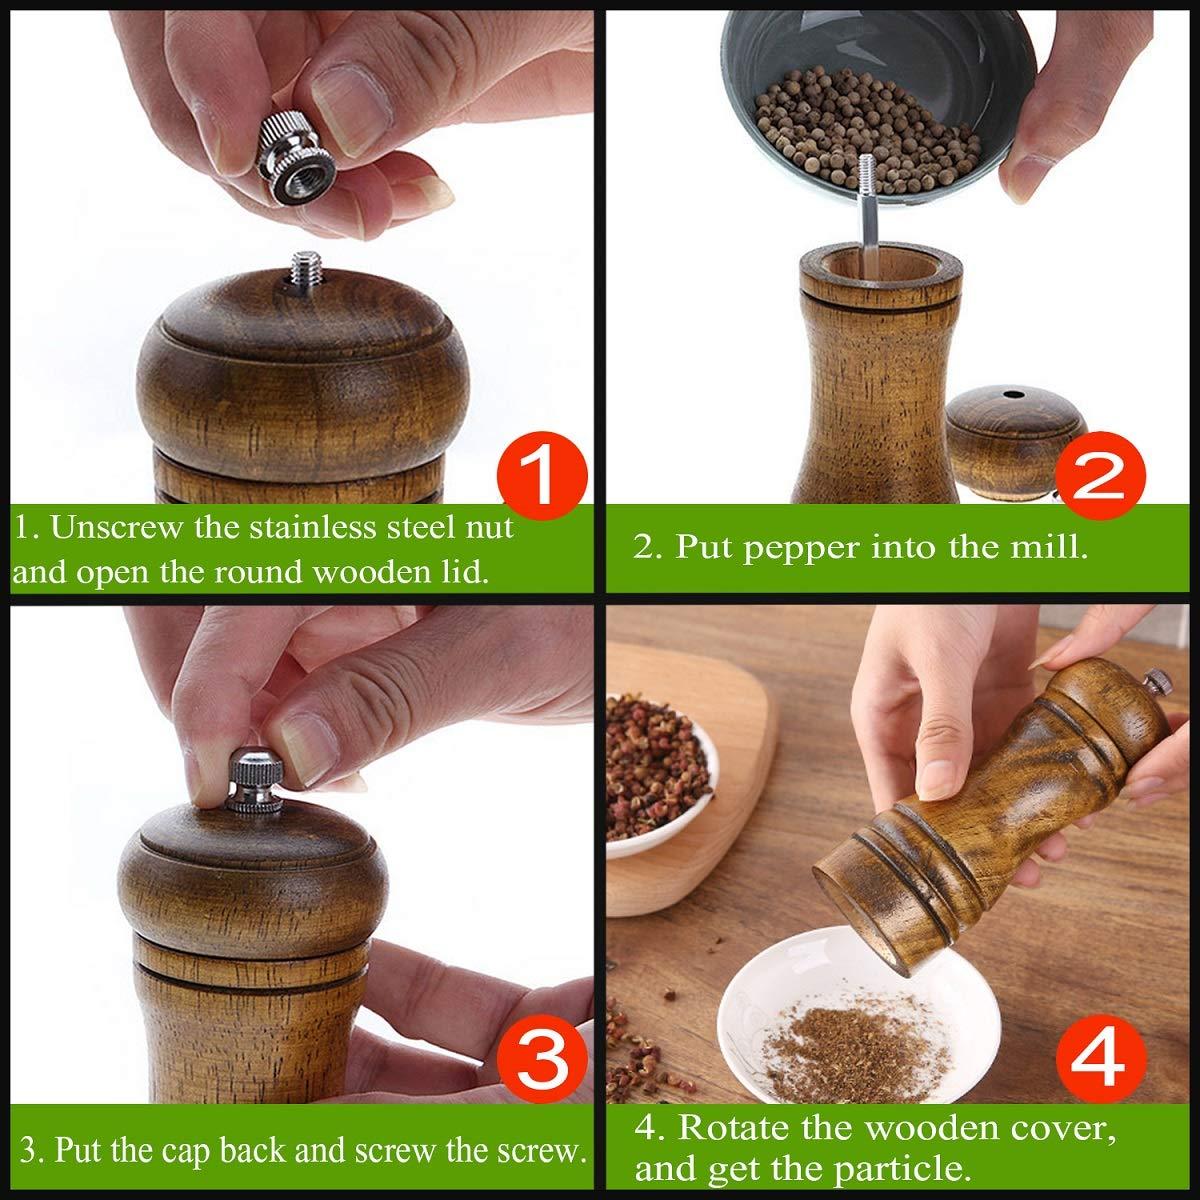 Pepper Grinder Oak Wooden Salt and Pepper Mill Set Adjustable Coarse and Fine Sea Salt Grinder /& Pepper Grinder for Home Chef and 2 Brushes 5 inch